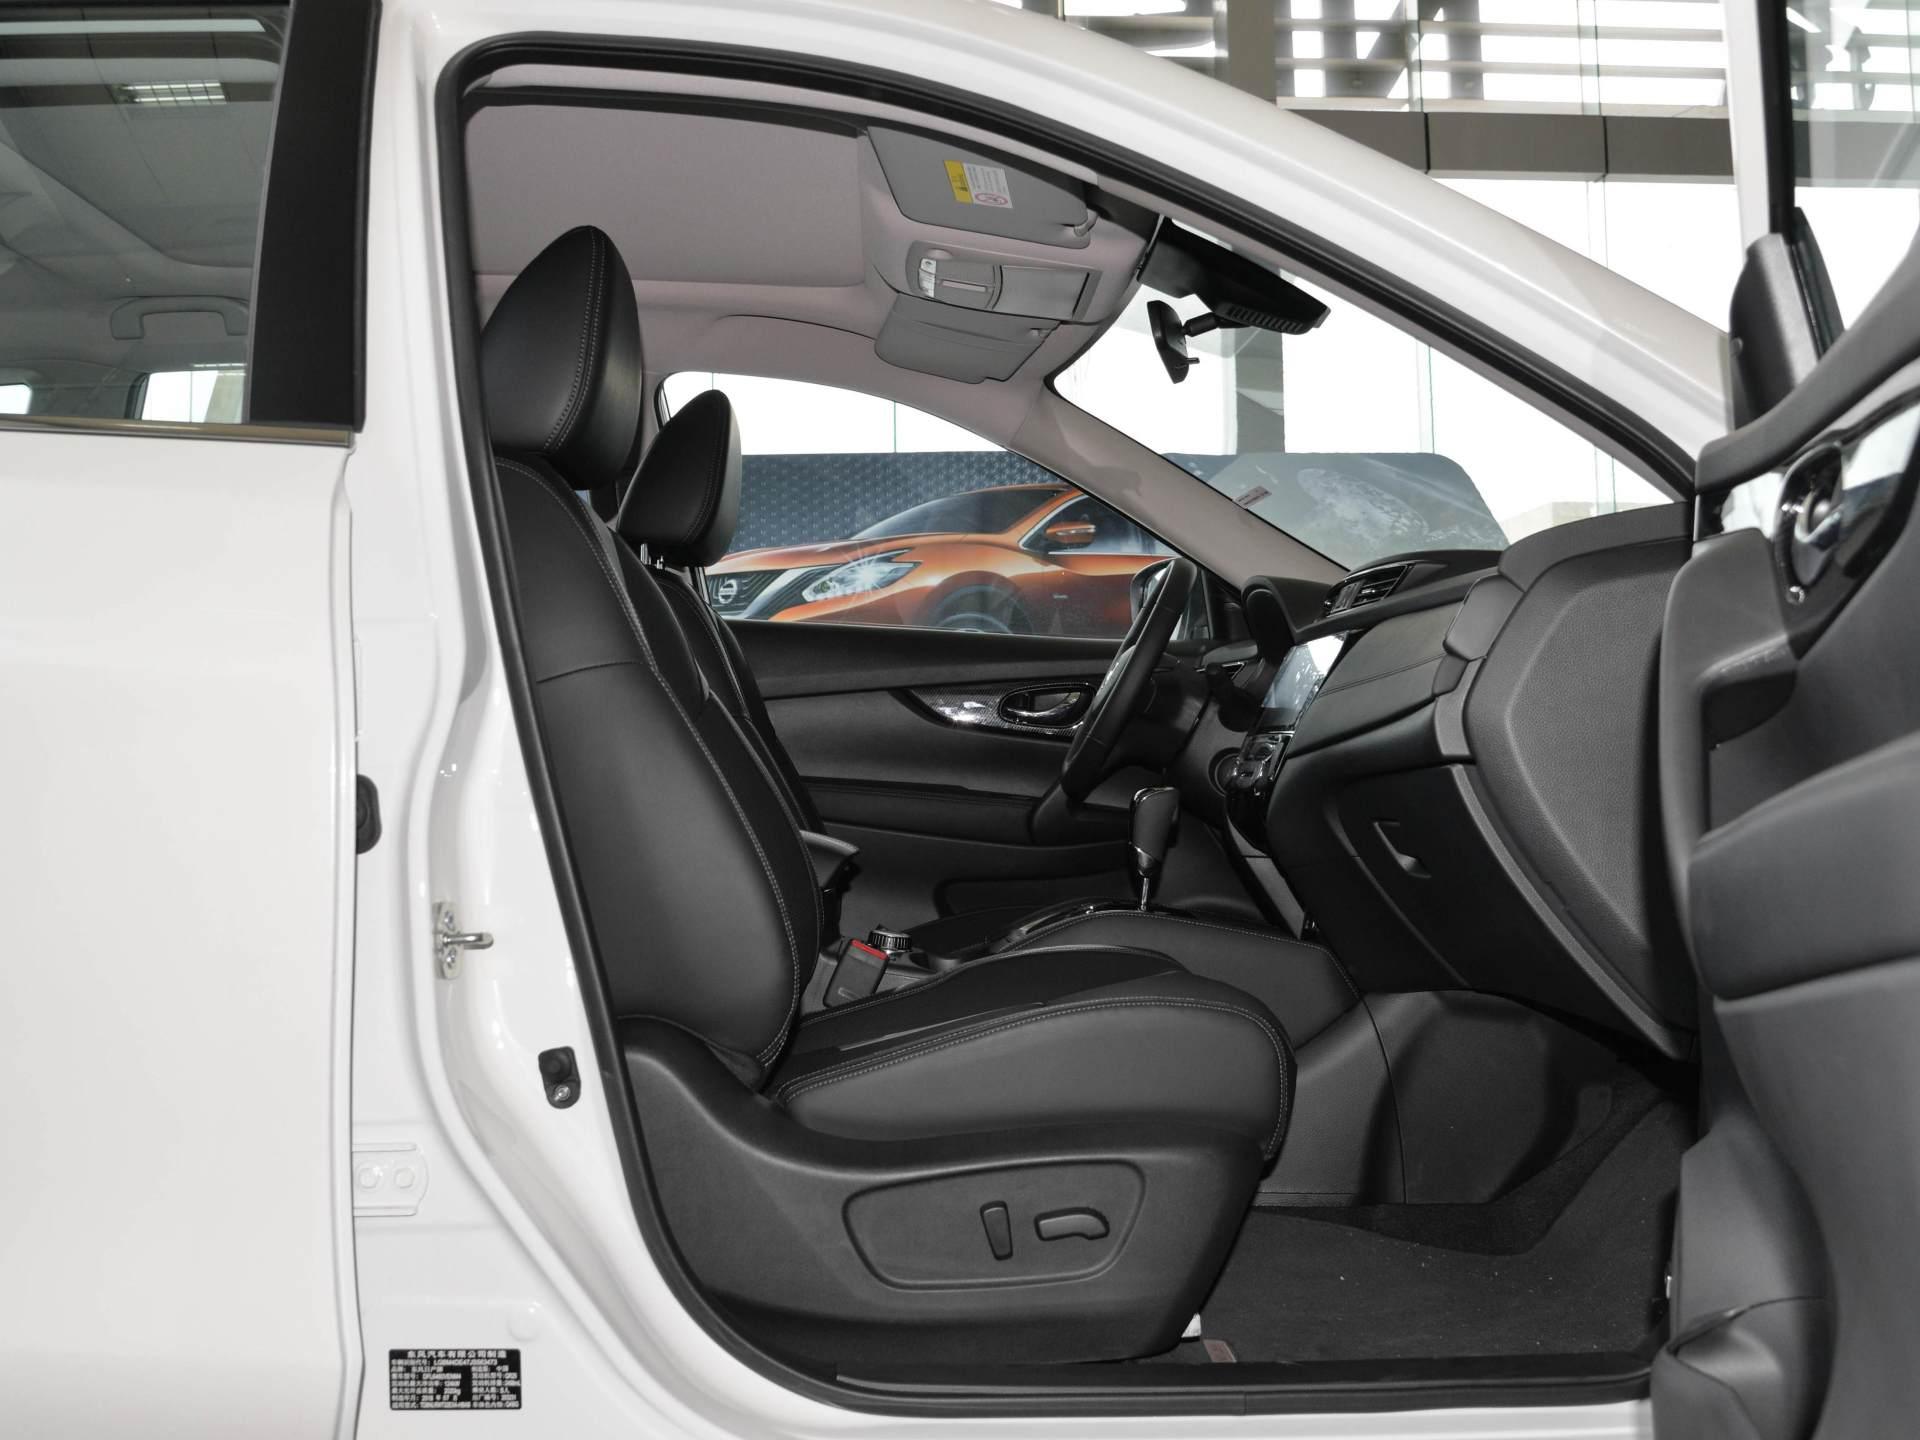 日產不敢賣高價瞭,主力SUV破20萬大關,大空間+沙發座椅不輸CRV-圖5